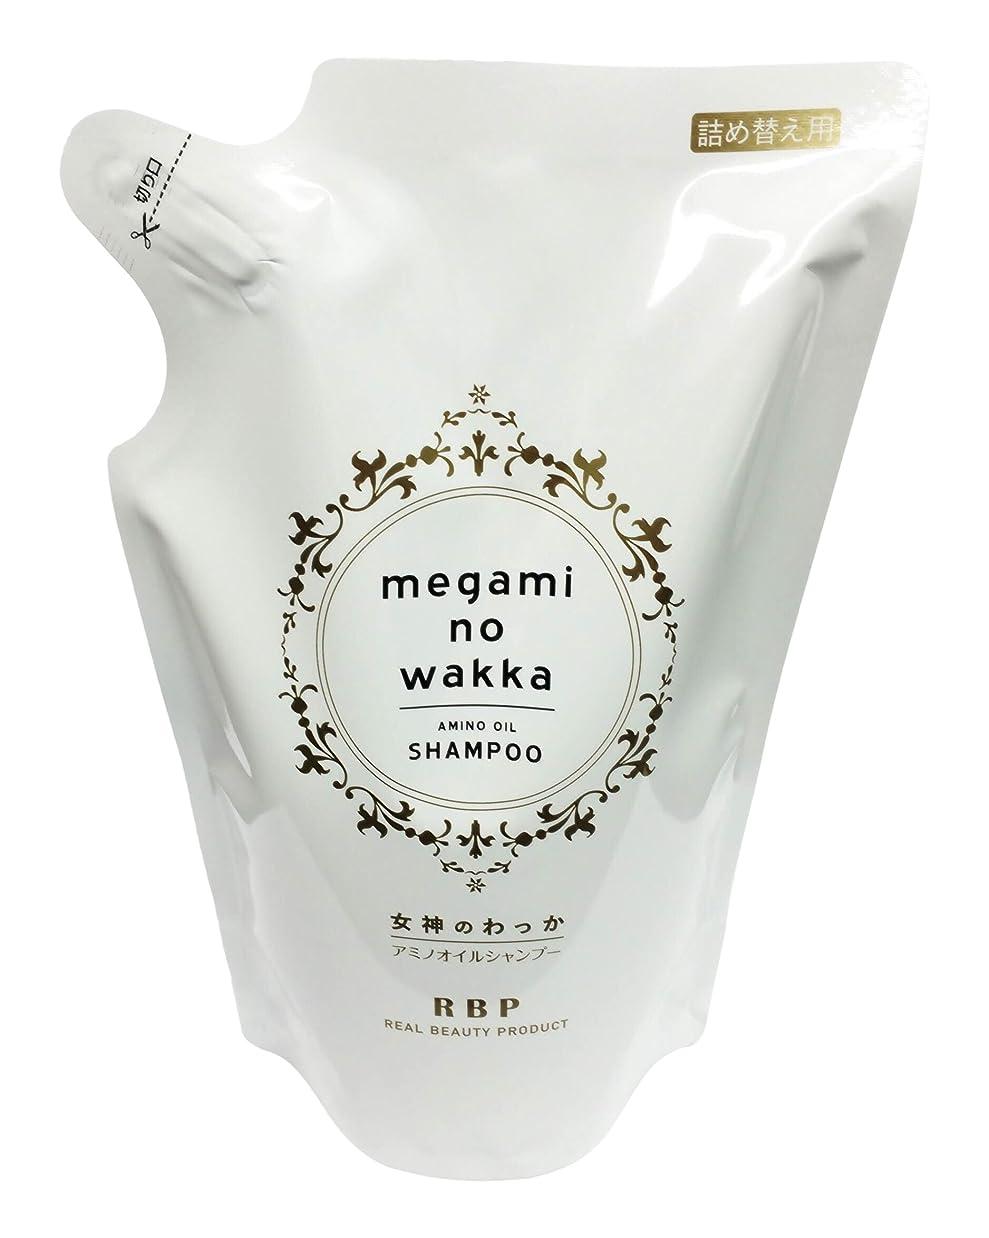 有料評価買うmegamino wakka詰め替えリフィル シャンプー 450ml